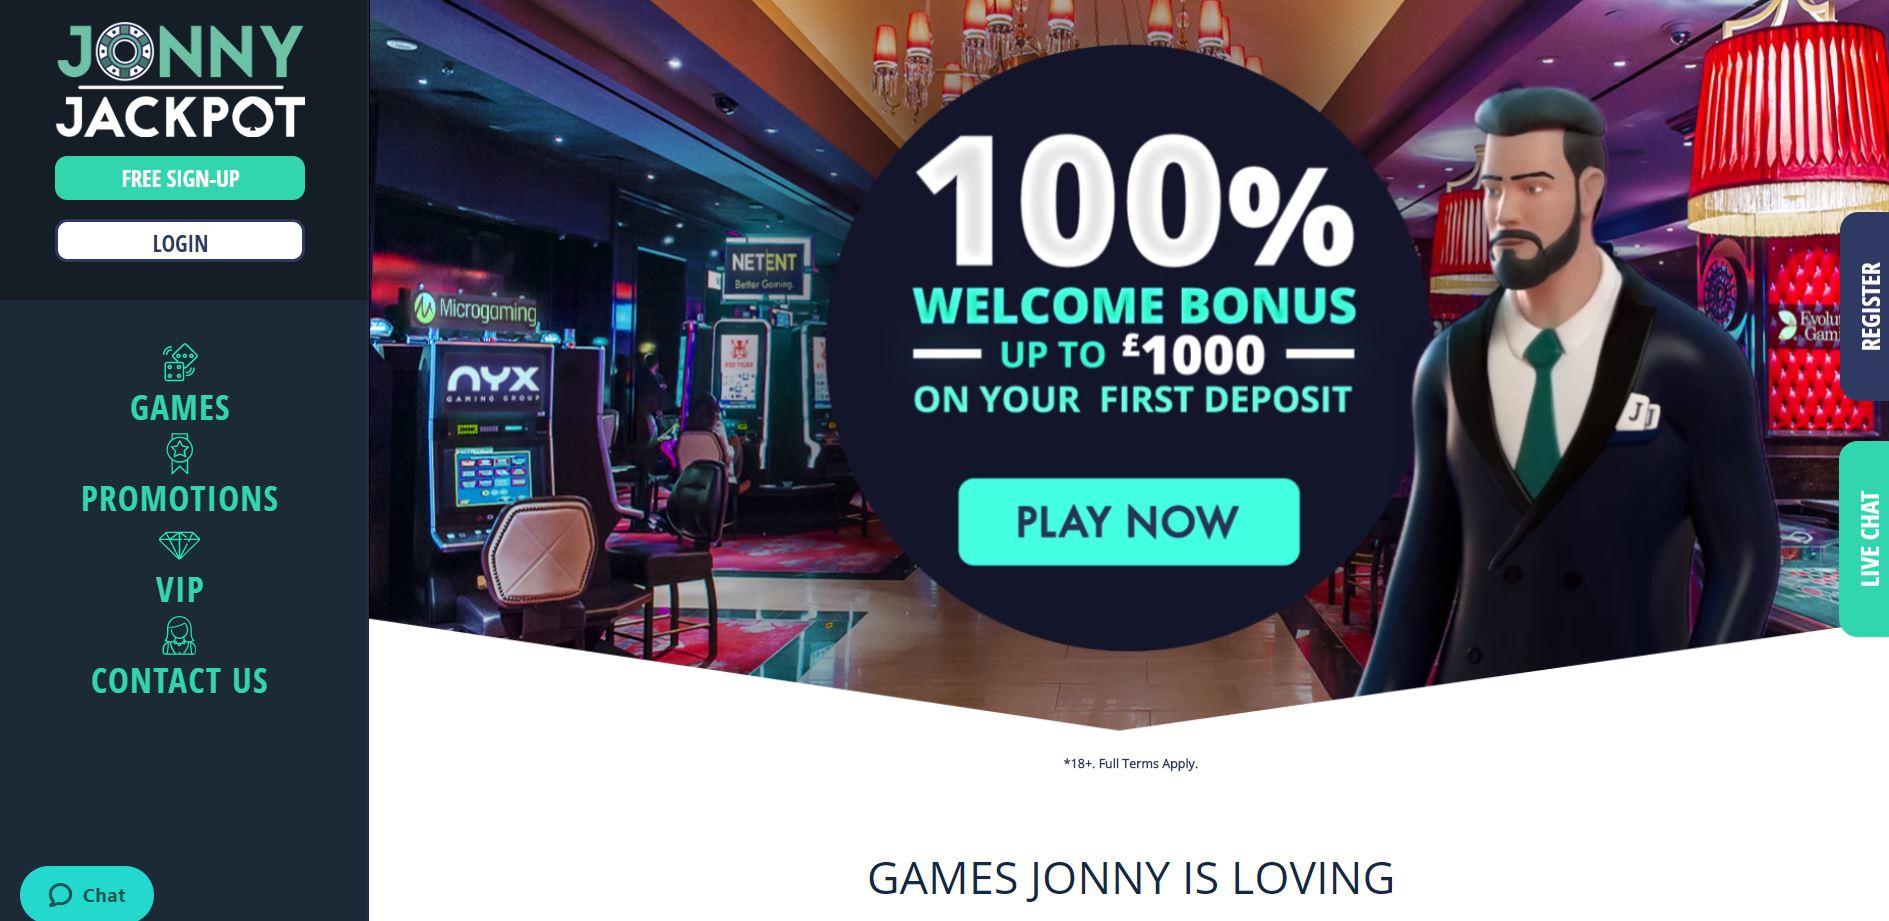 jonny jackpot homepage